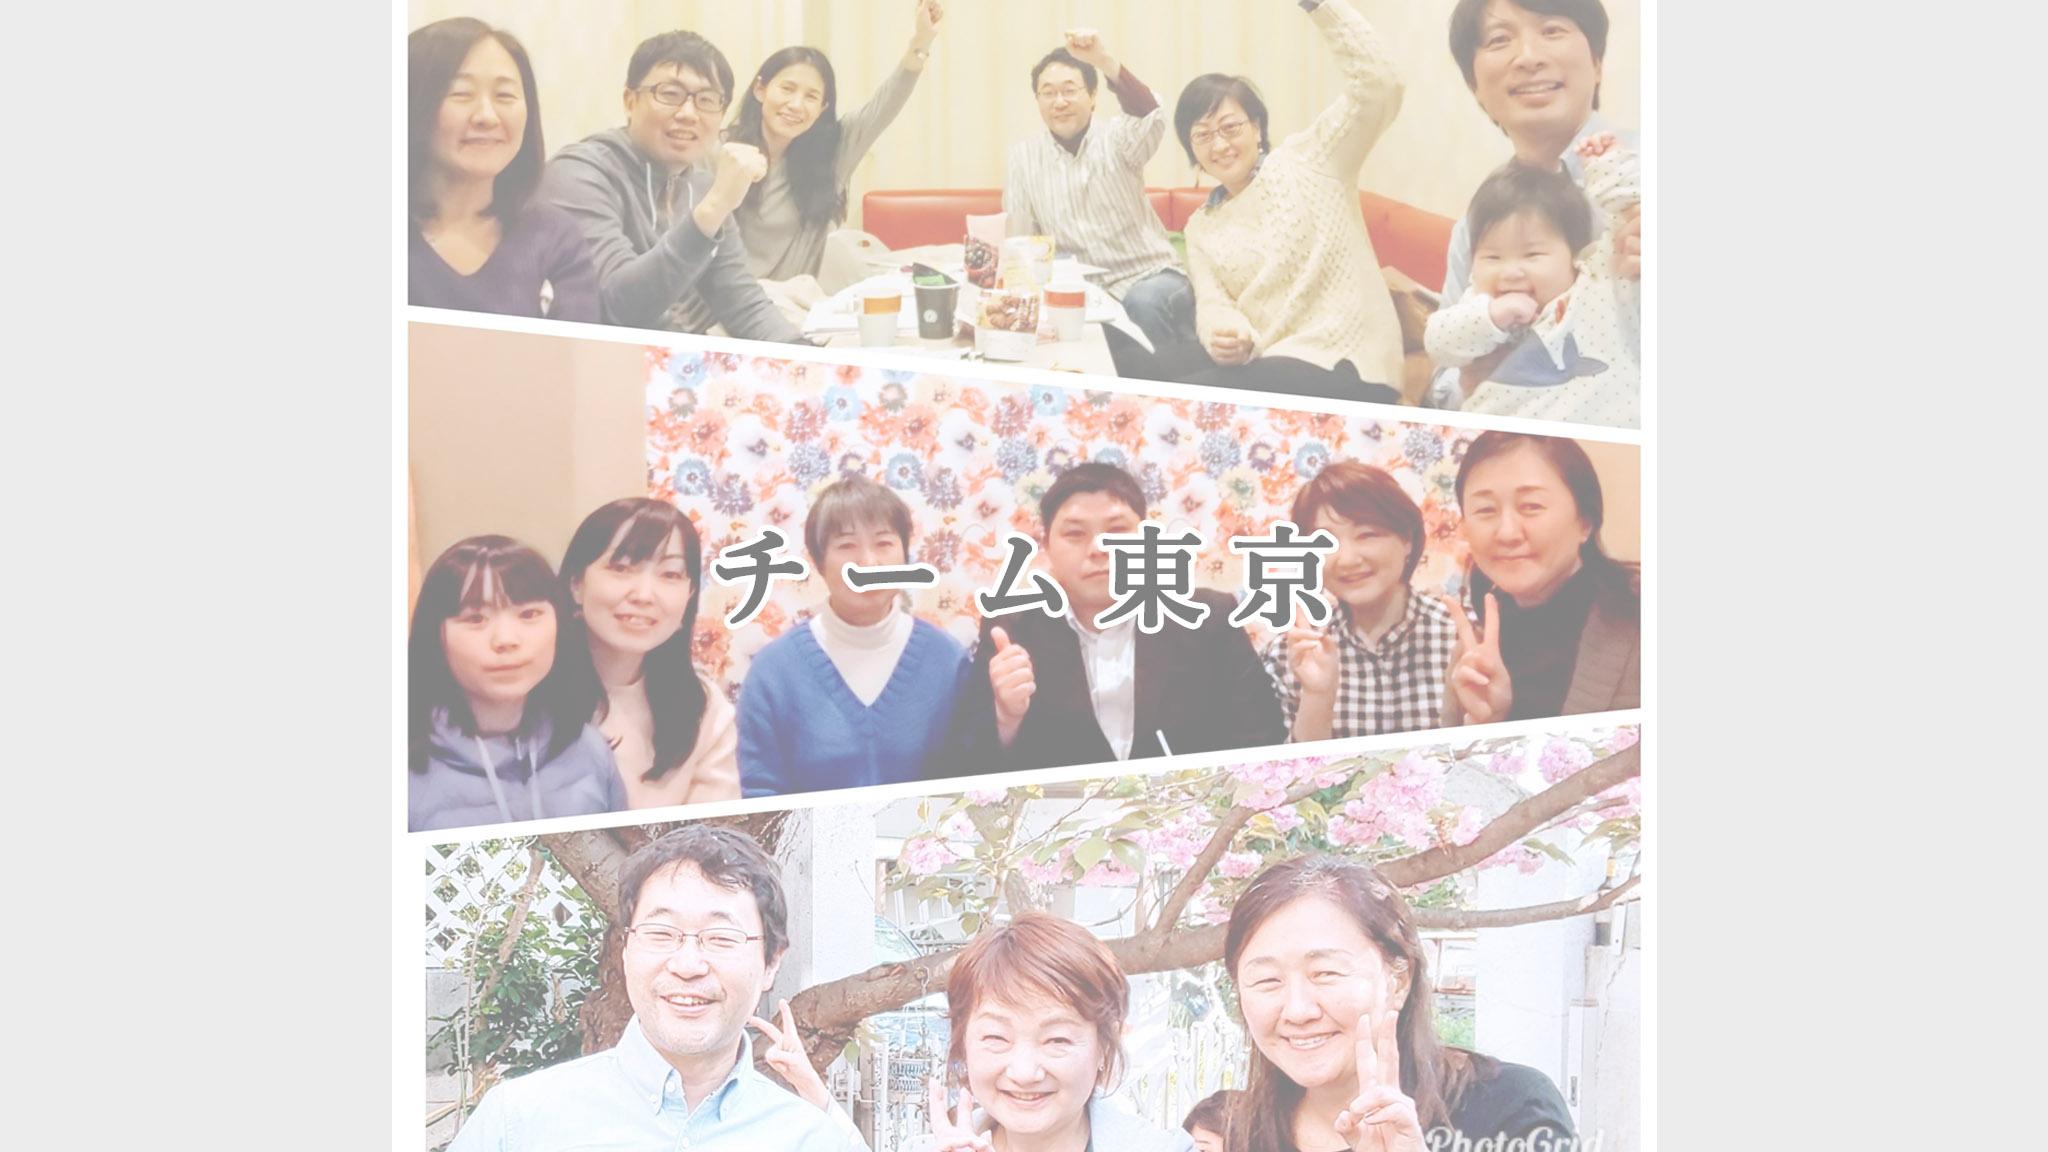 チーム東京の活動